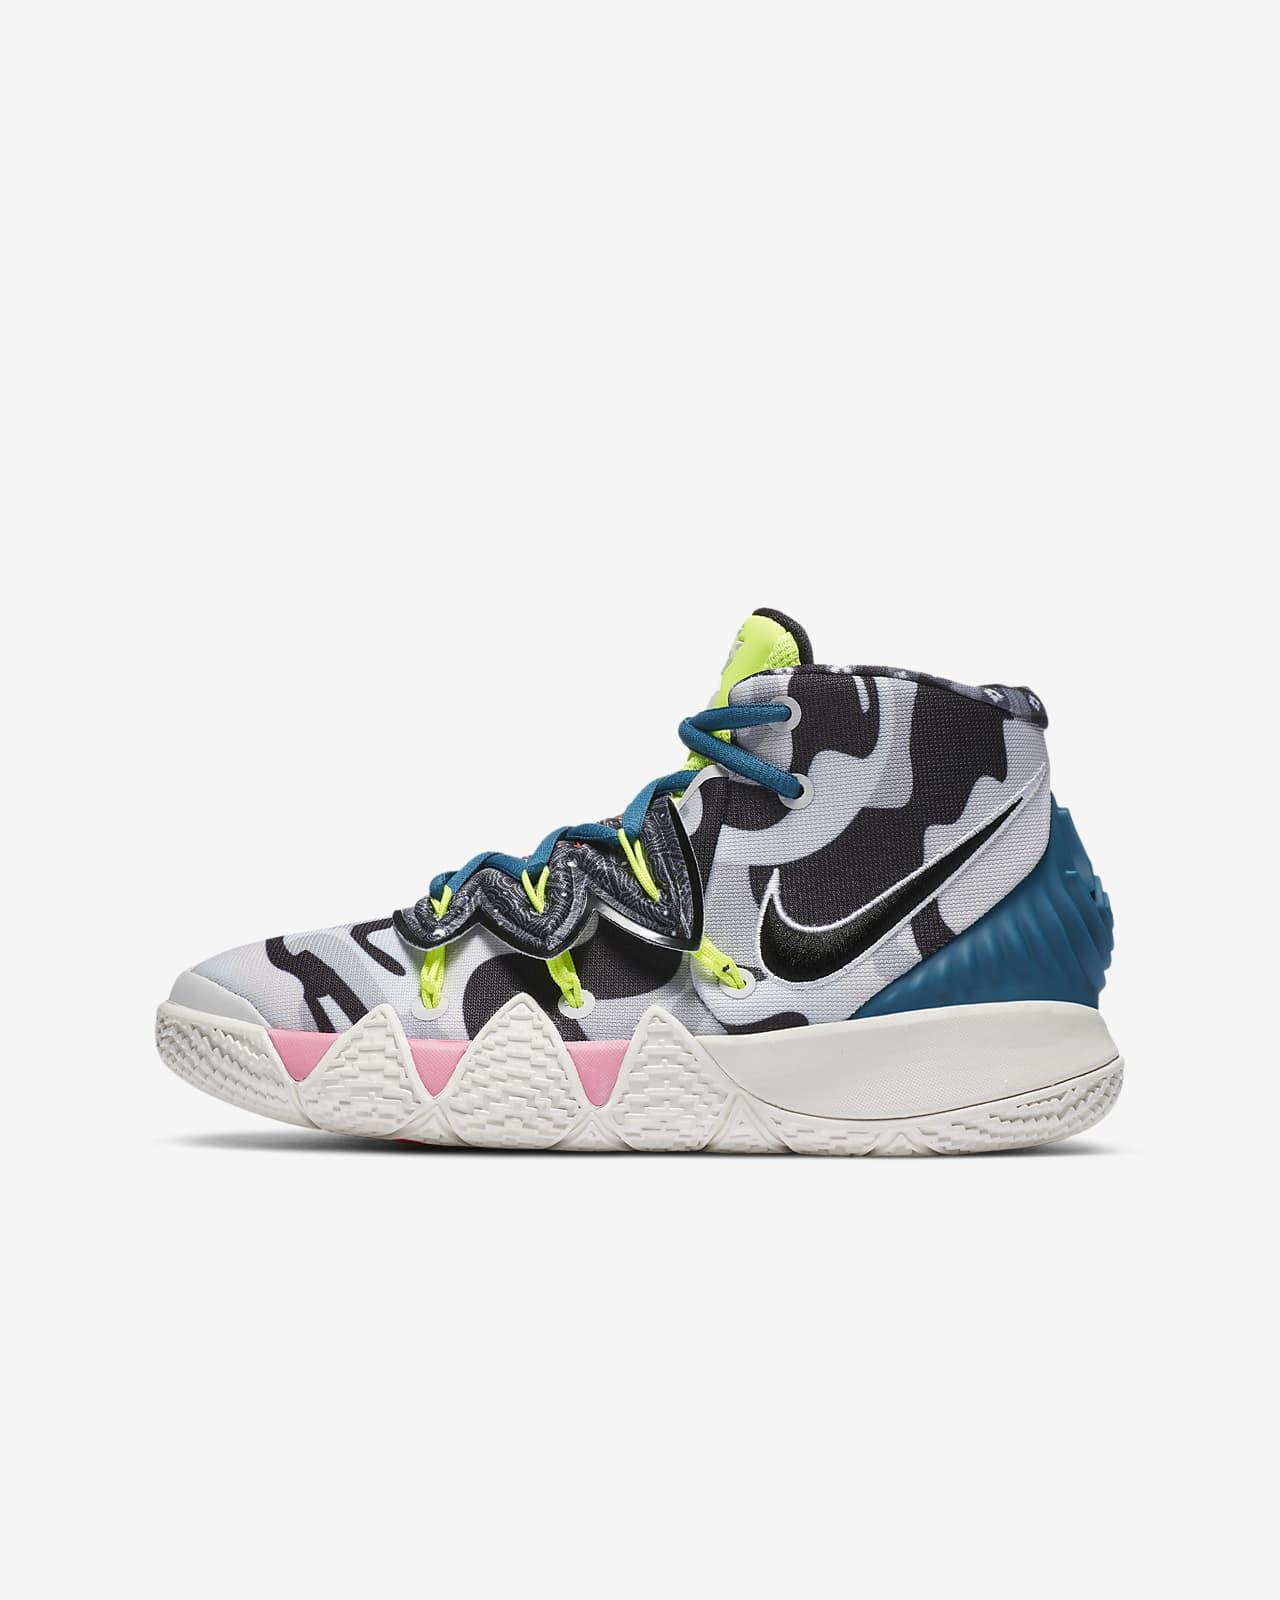 Kybrid S2 (GS) 大童篮球童鞋